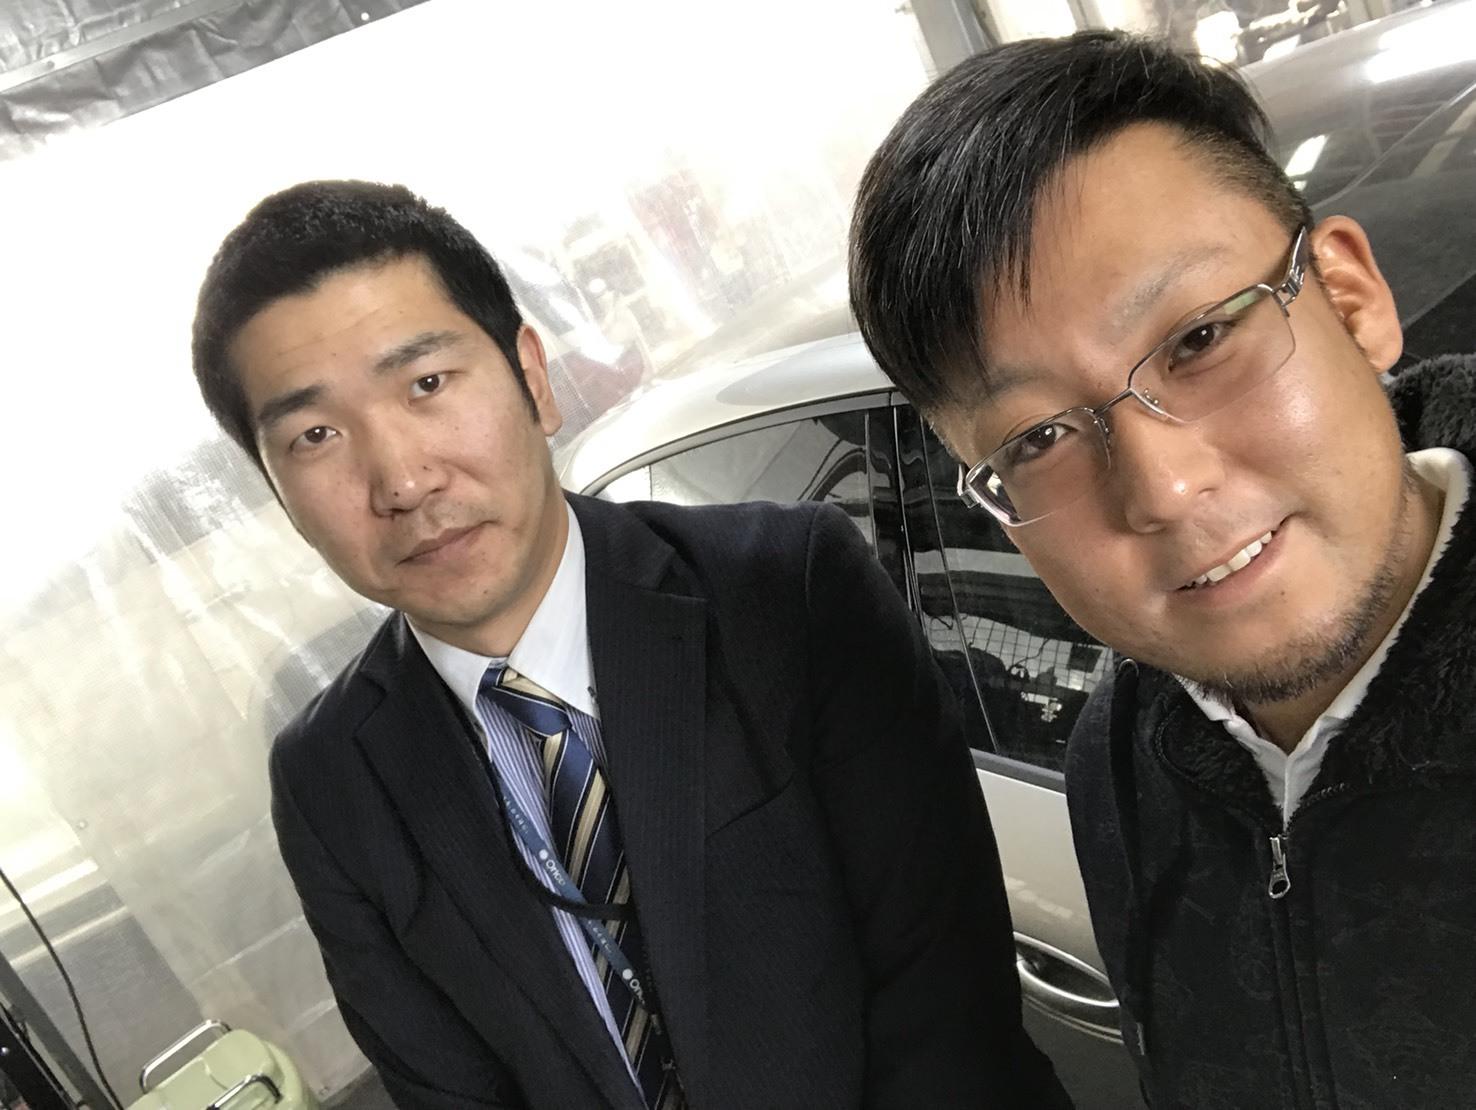 2月26日(月)トミーベース カスタムブログ☆新型QX802台入庫確定☆LS460後期AWD LS600hLエグゼクティブPKGもご紹介していきます☆_b0127002_11374561.jpg